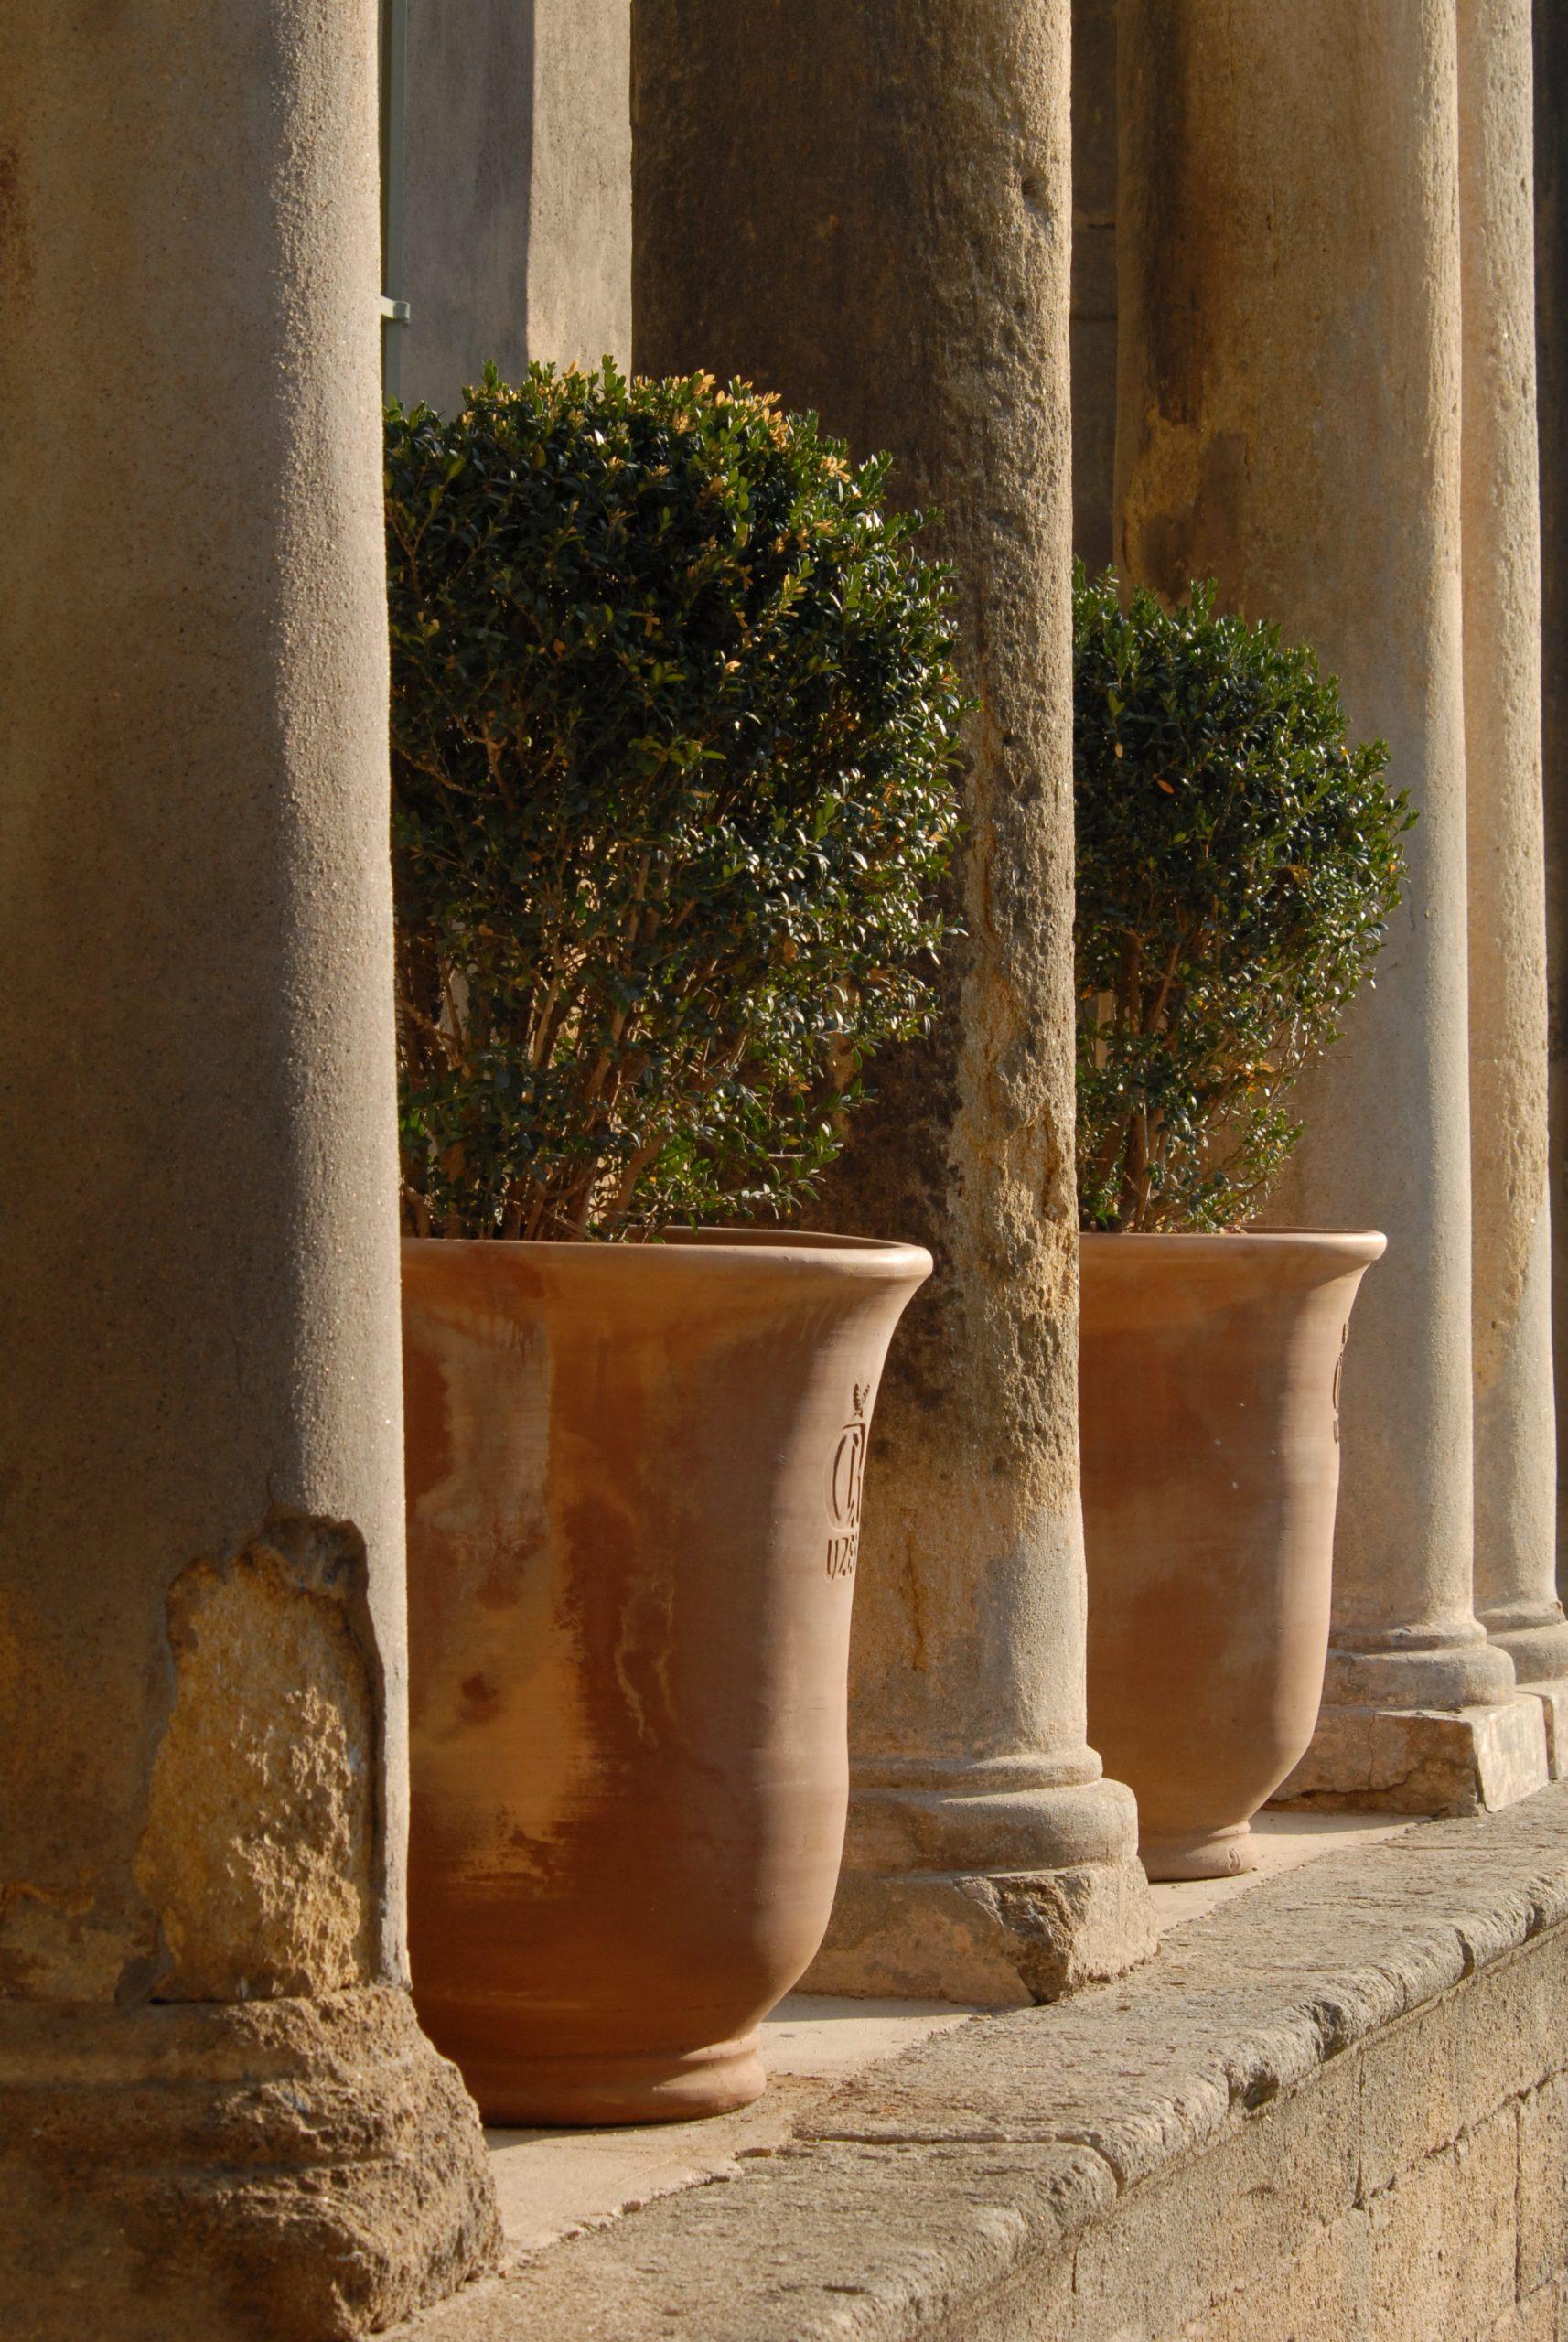 Les Pots d'Uzès : le patrimoine provençal sublimé par l'art de la poterie